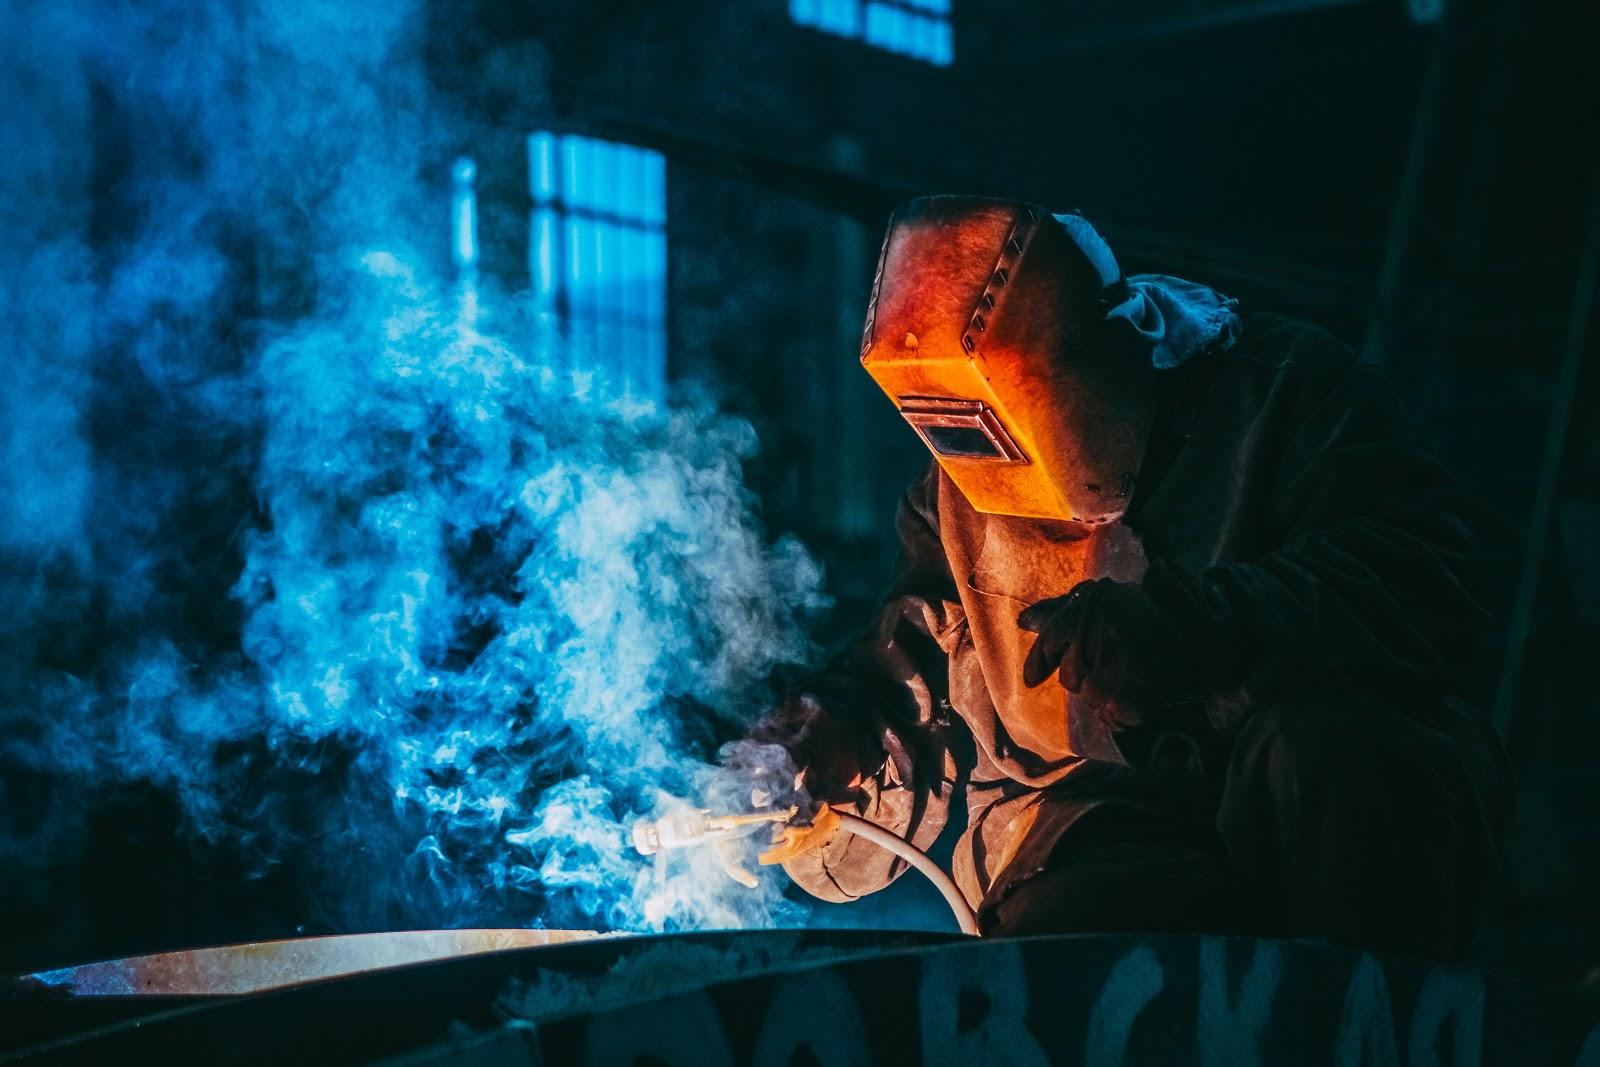 A welder works in a dark workshop.